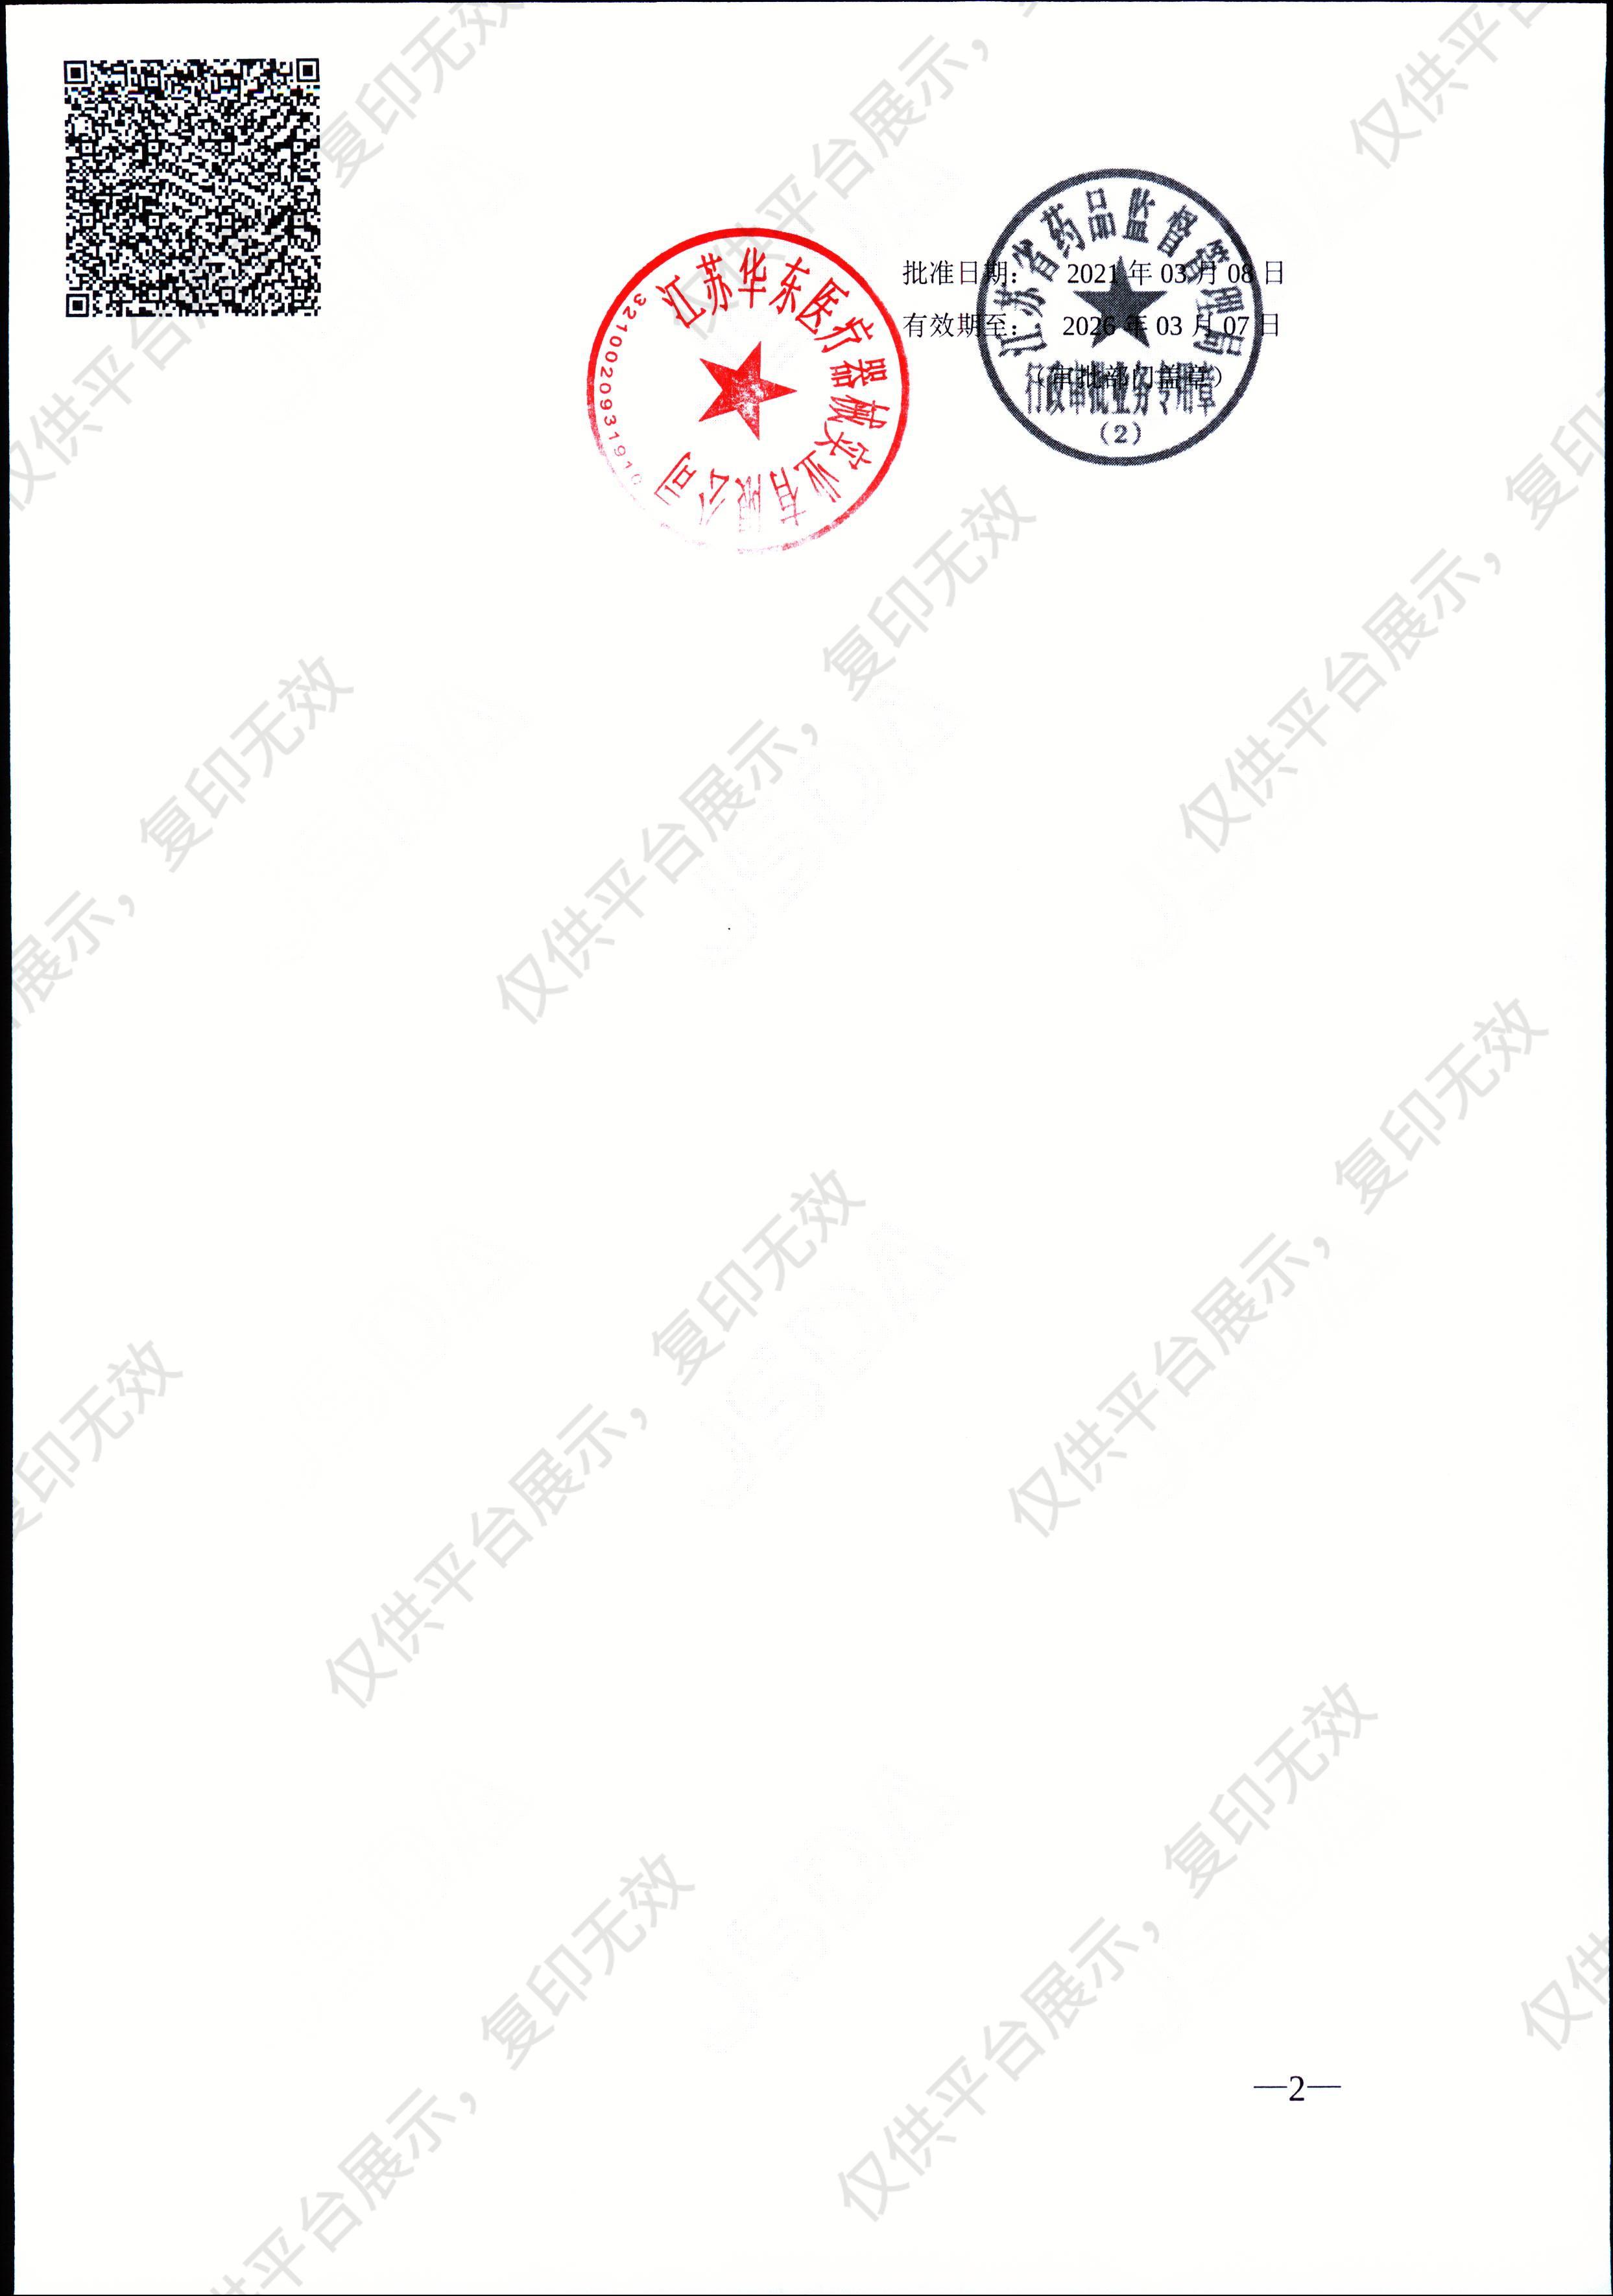 亚达(YADA) 一次性使用胃管 12# 硅胶 袋装 (1支)注册证